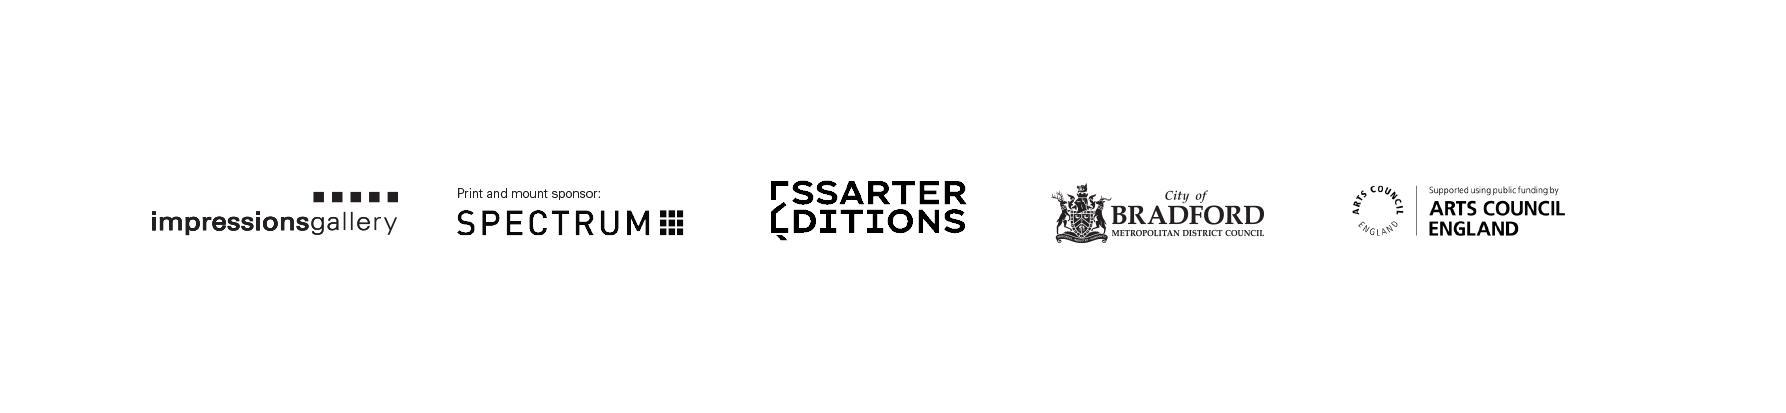 Logos for Borderland